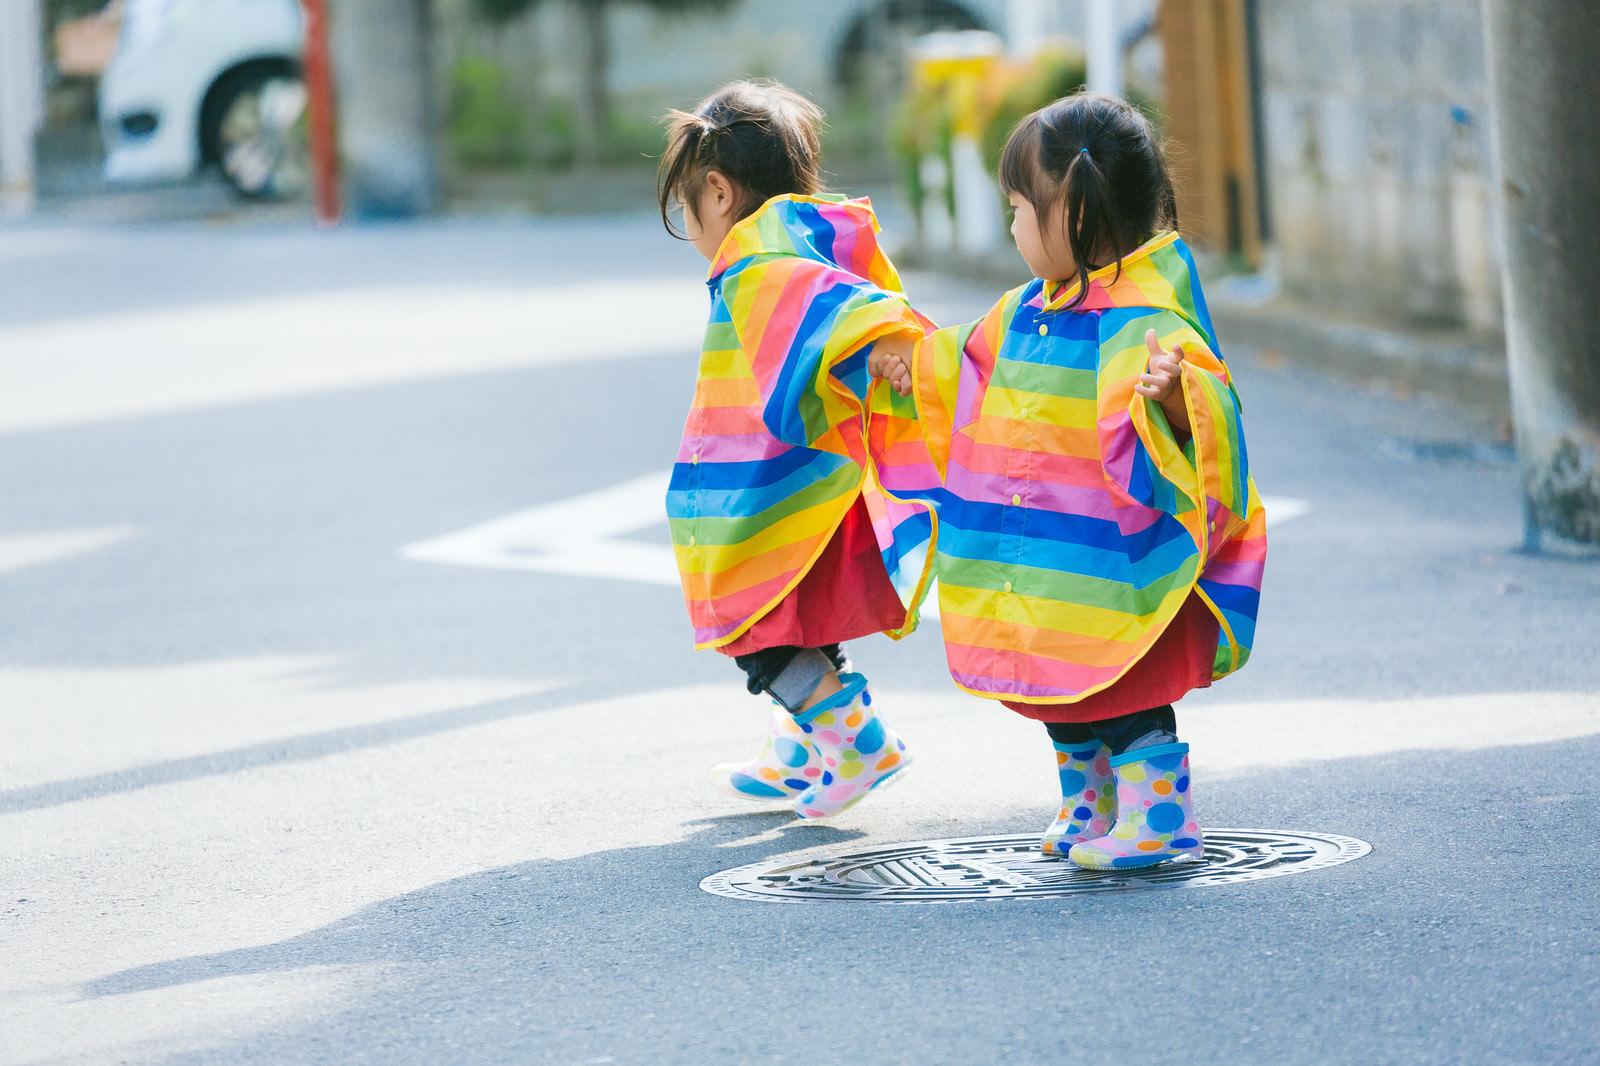 「カラフル合羽で仲良く散歩する双子」の写真[モデル:あおみどり]